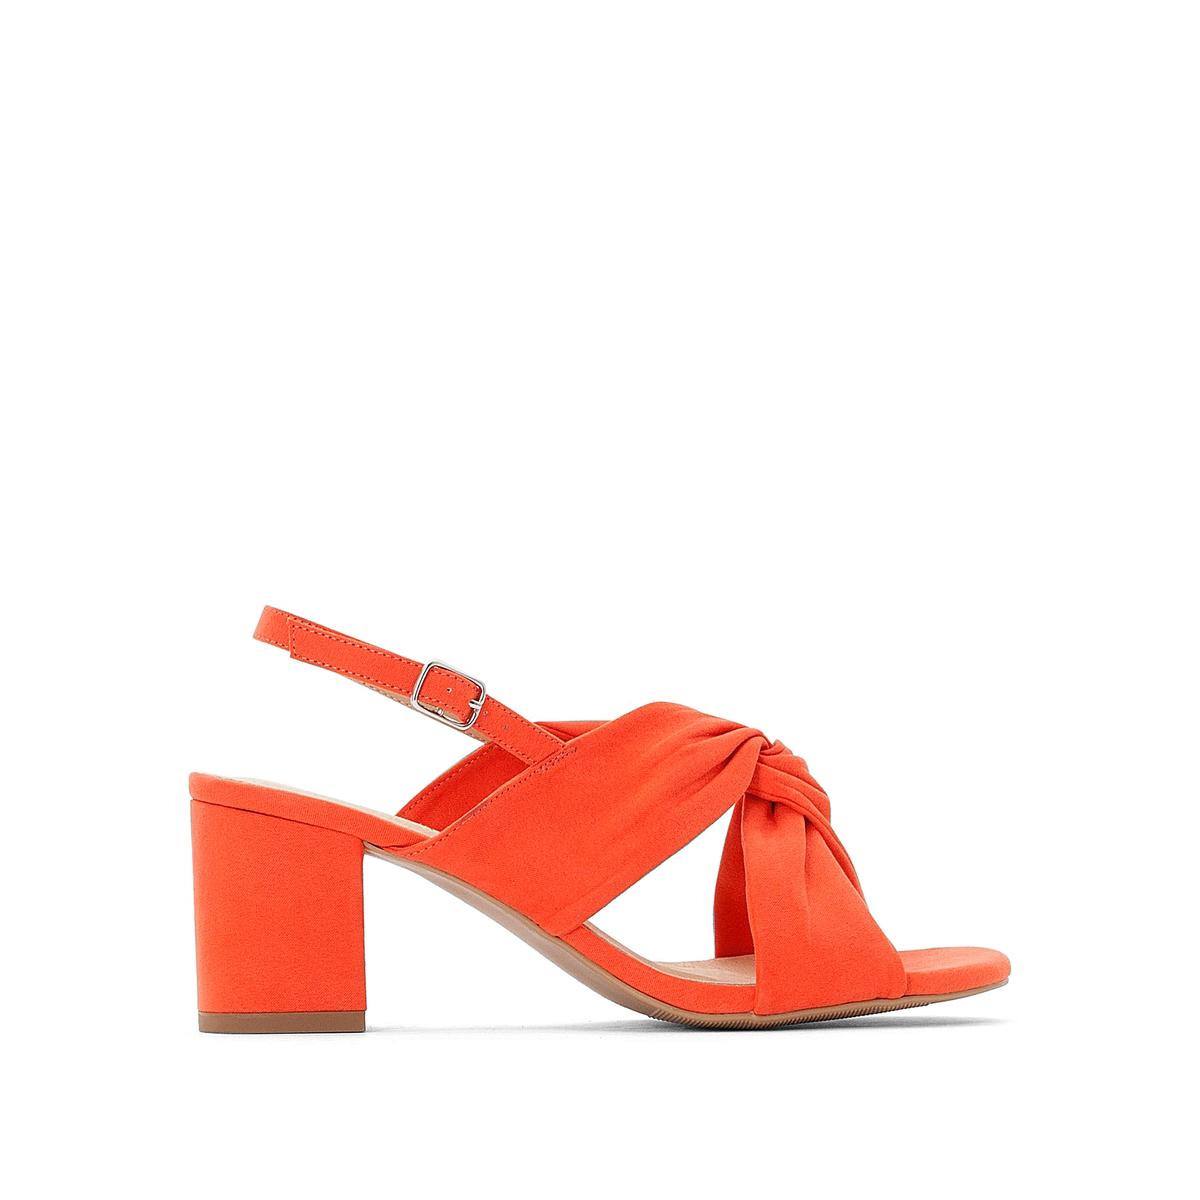 Sandalias cruzadas con tacón ancho